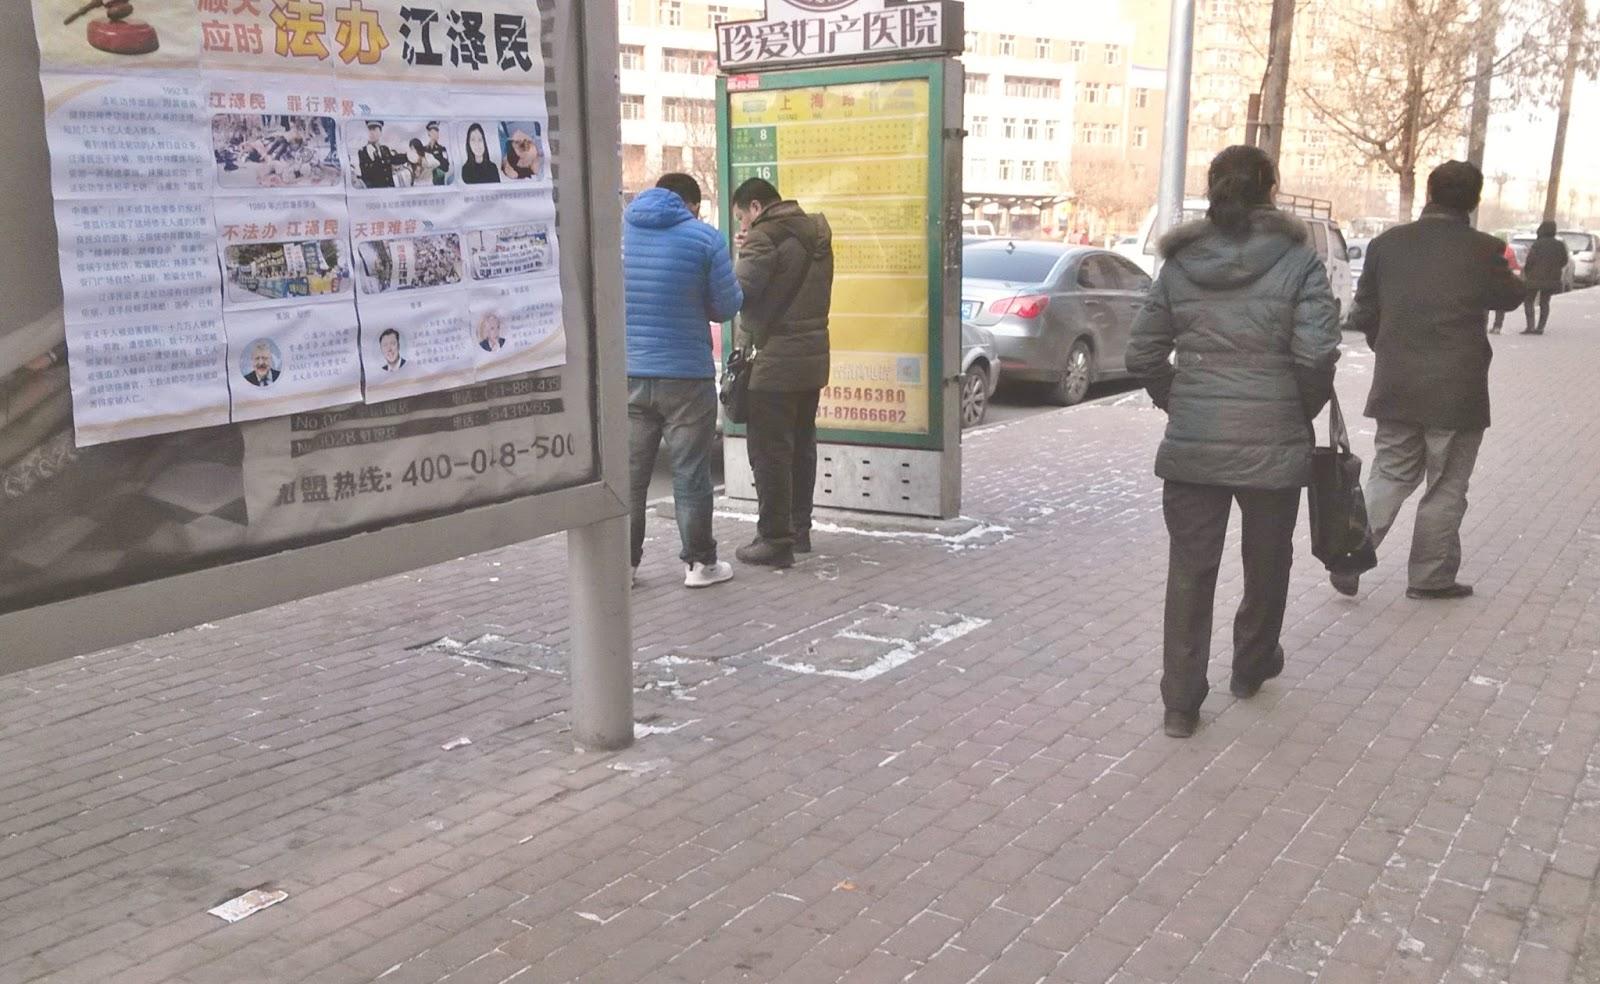 2015-11-28-minghui-changchun-sujiang-posters-01.jpg